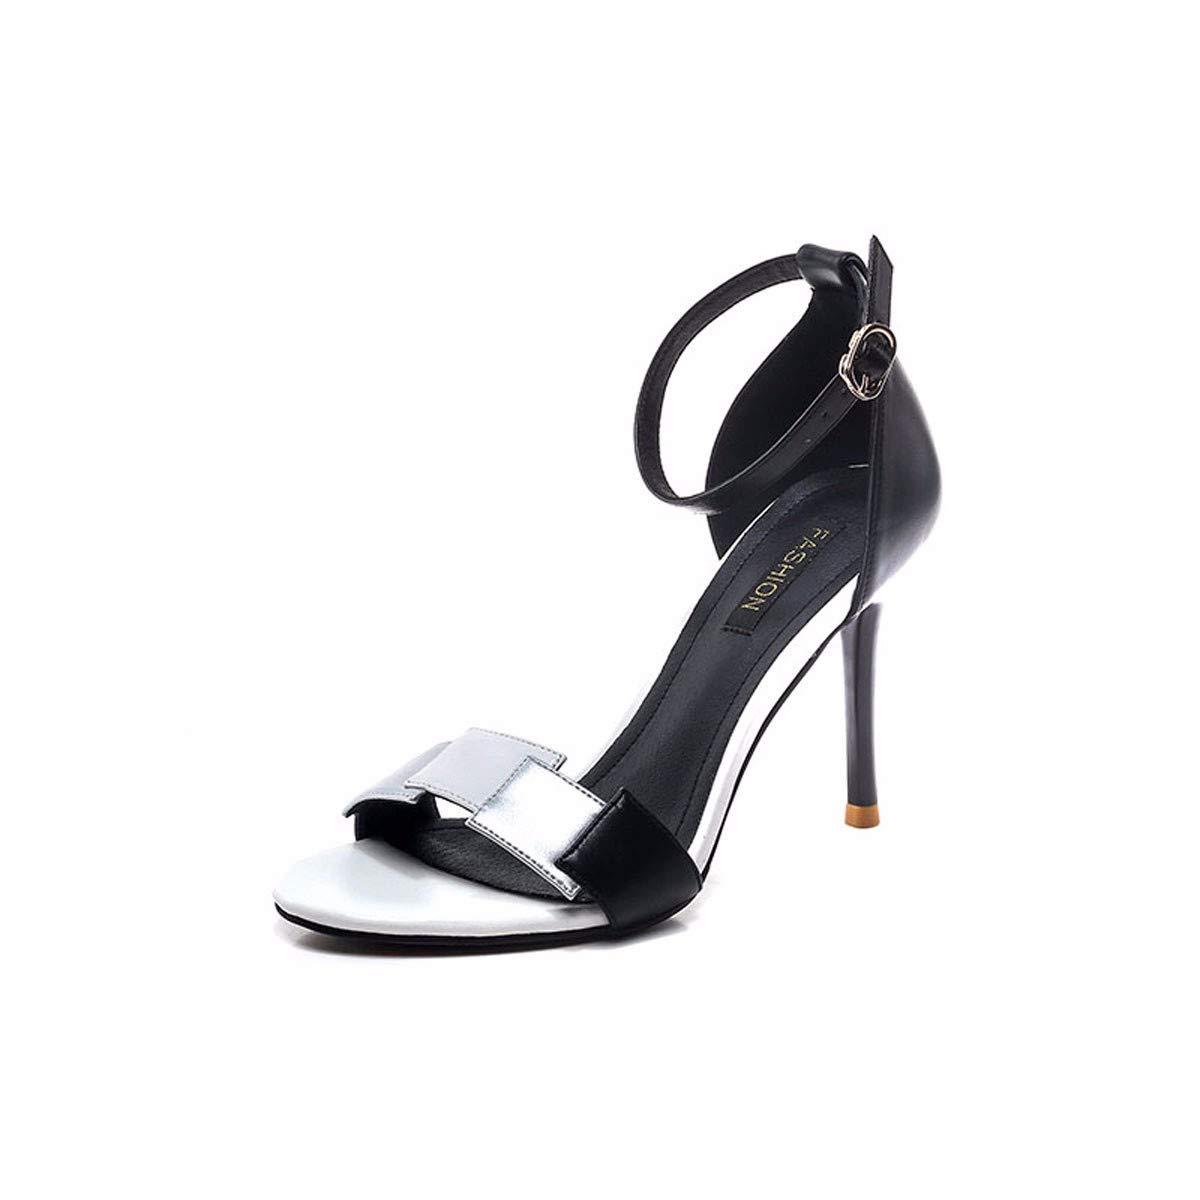 GTVERNH Frauen Schuhe/9Cm High Heels Sandaleen Schöne Sommer Heels Vorrichtungen Temperament Farbe Schnalle Frauen Schuhe Sandaleen.